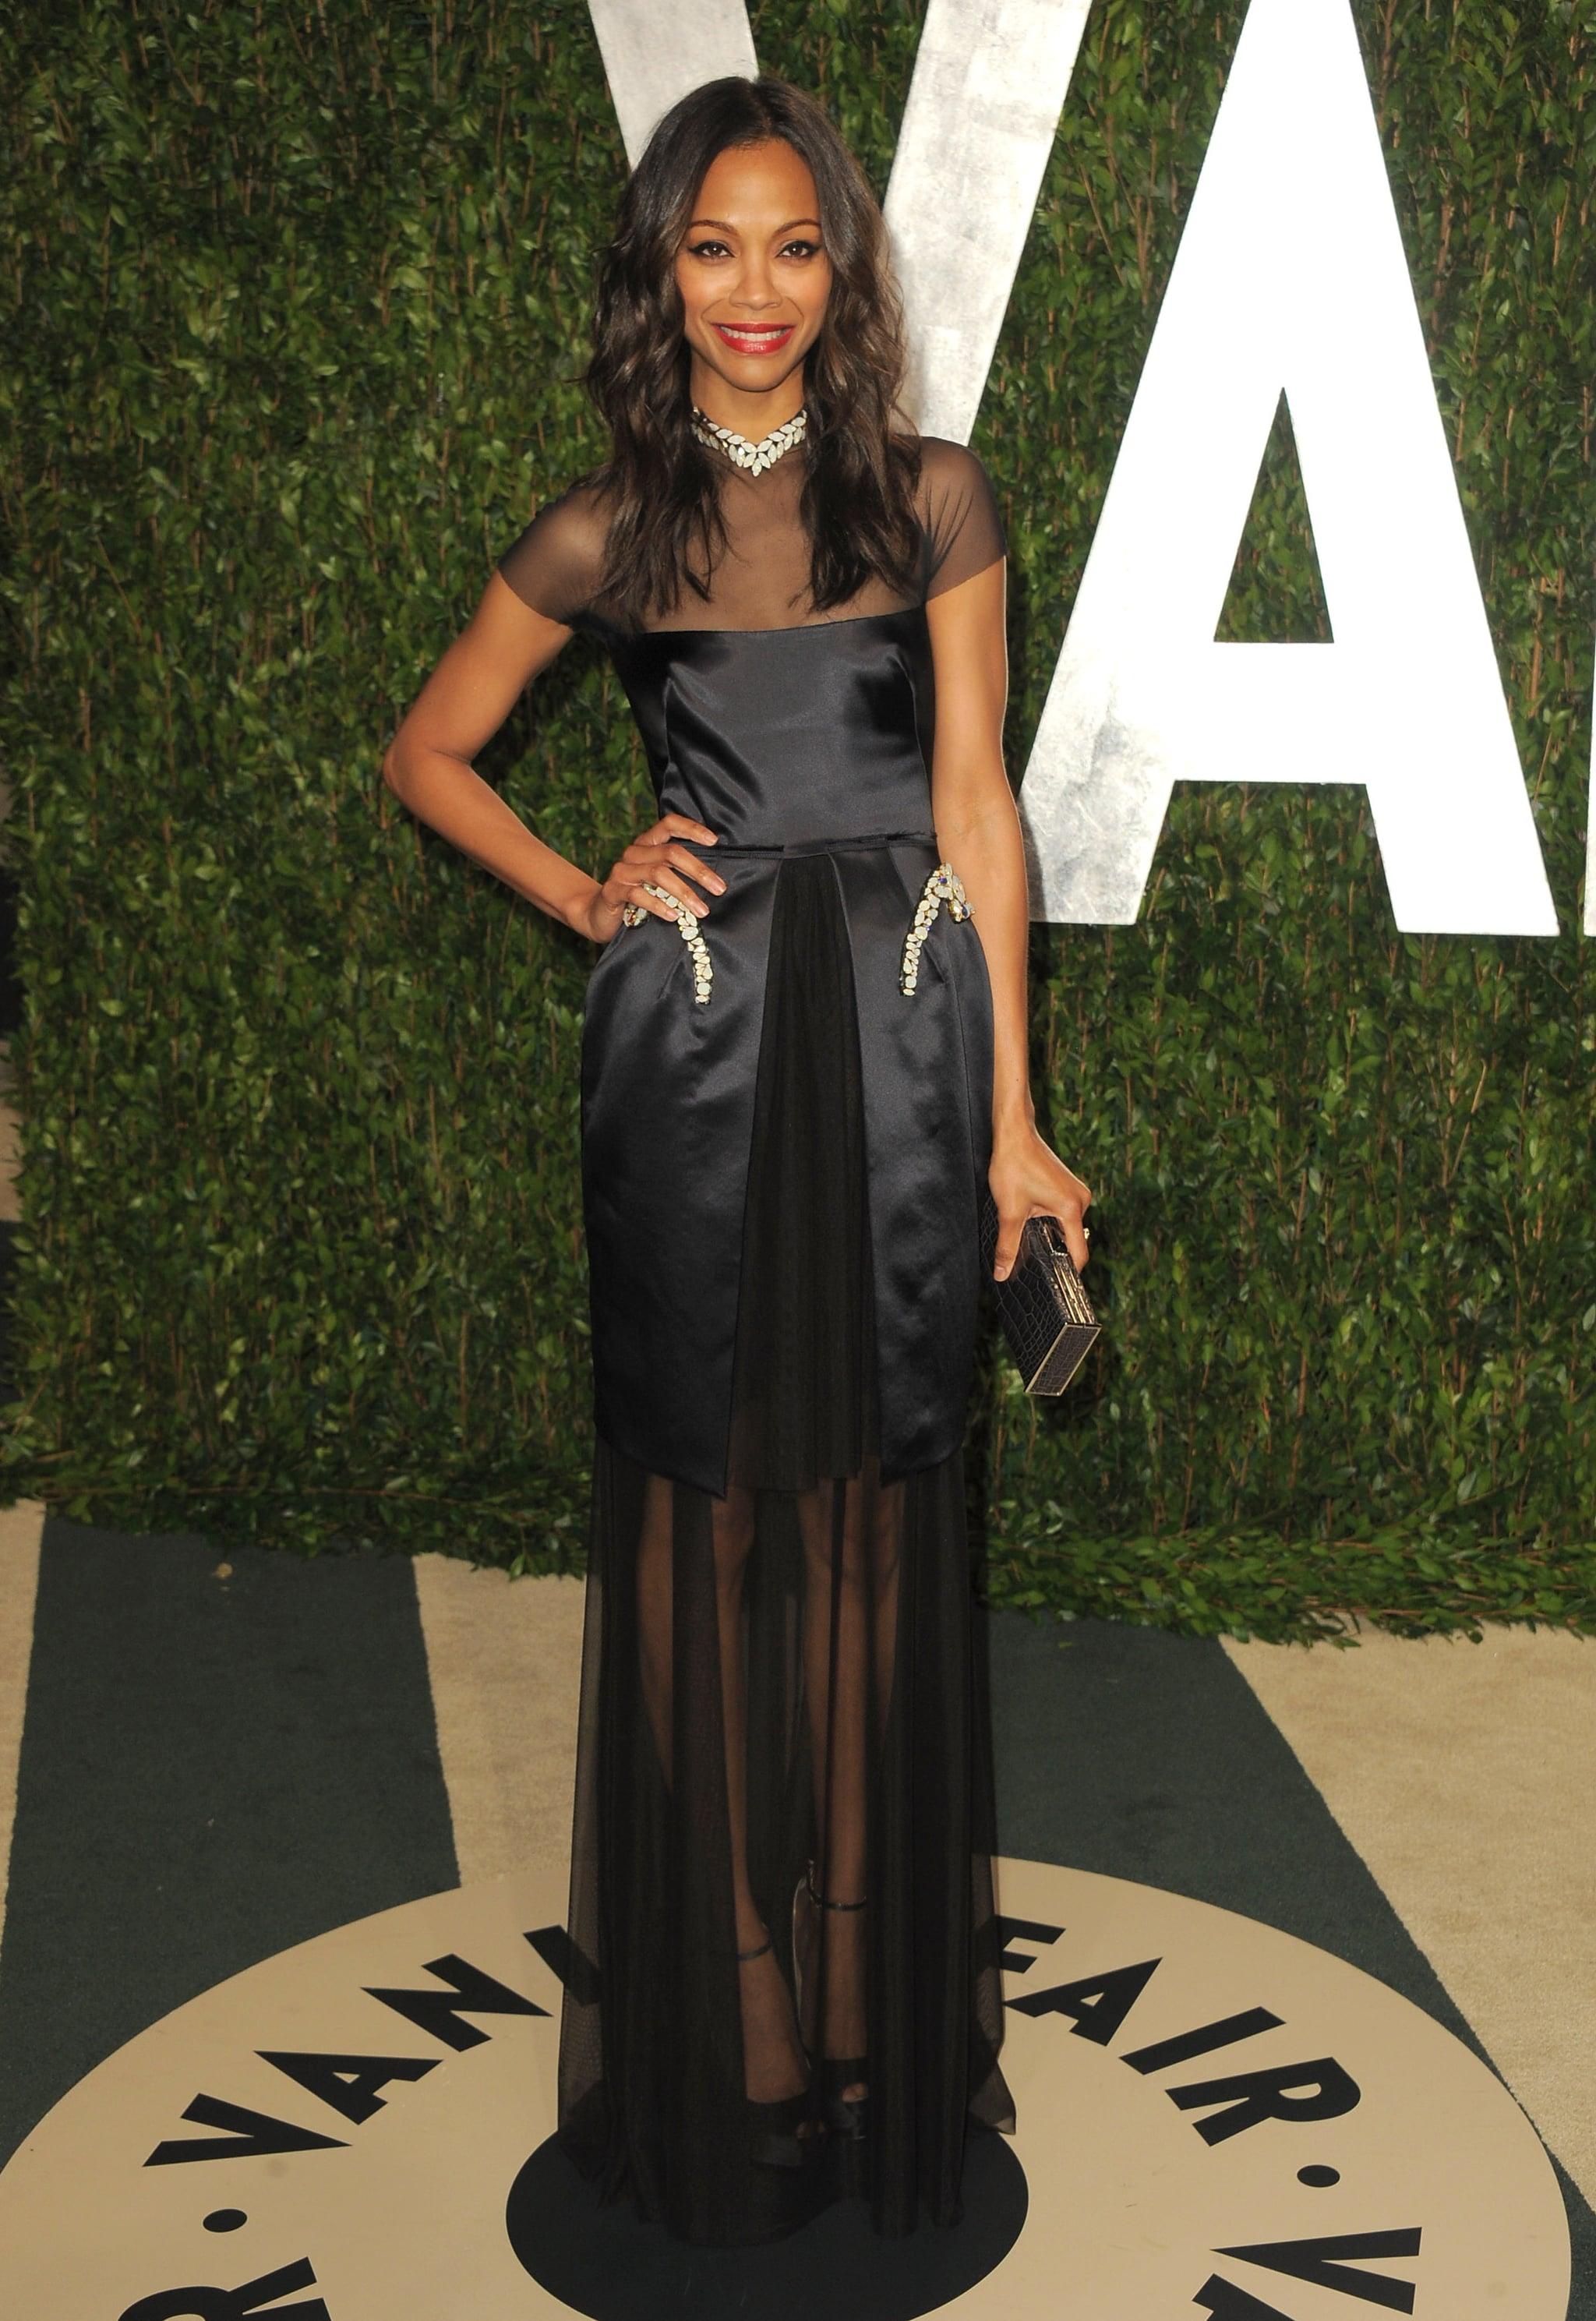 Zoe Saldana at the Vanity Fair Oscar party